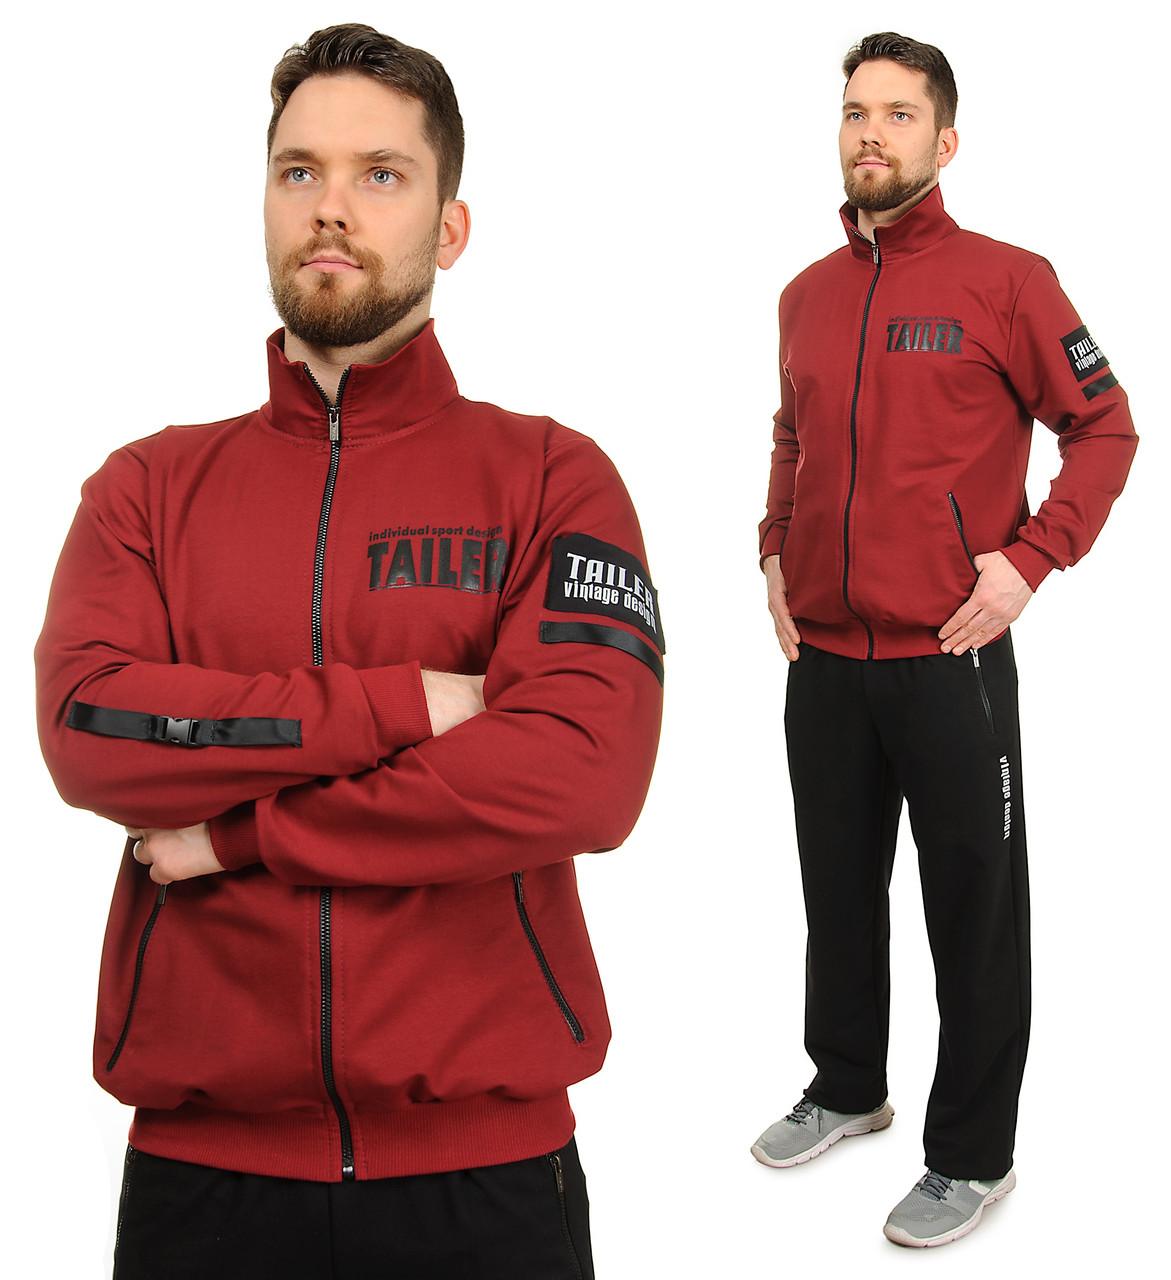 Мужской спортивный костюм трикотажный воротник стойка, брюки прямые, красный